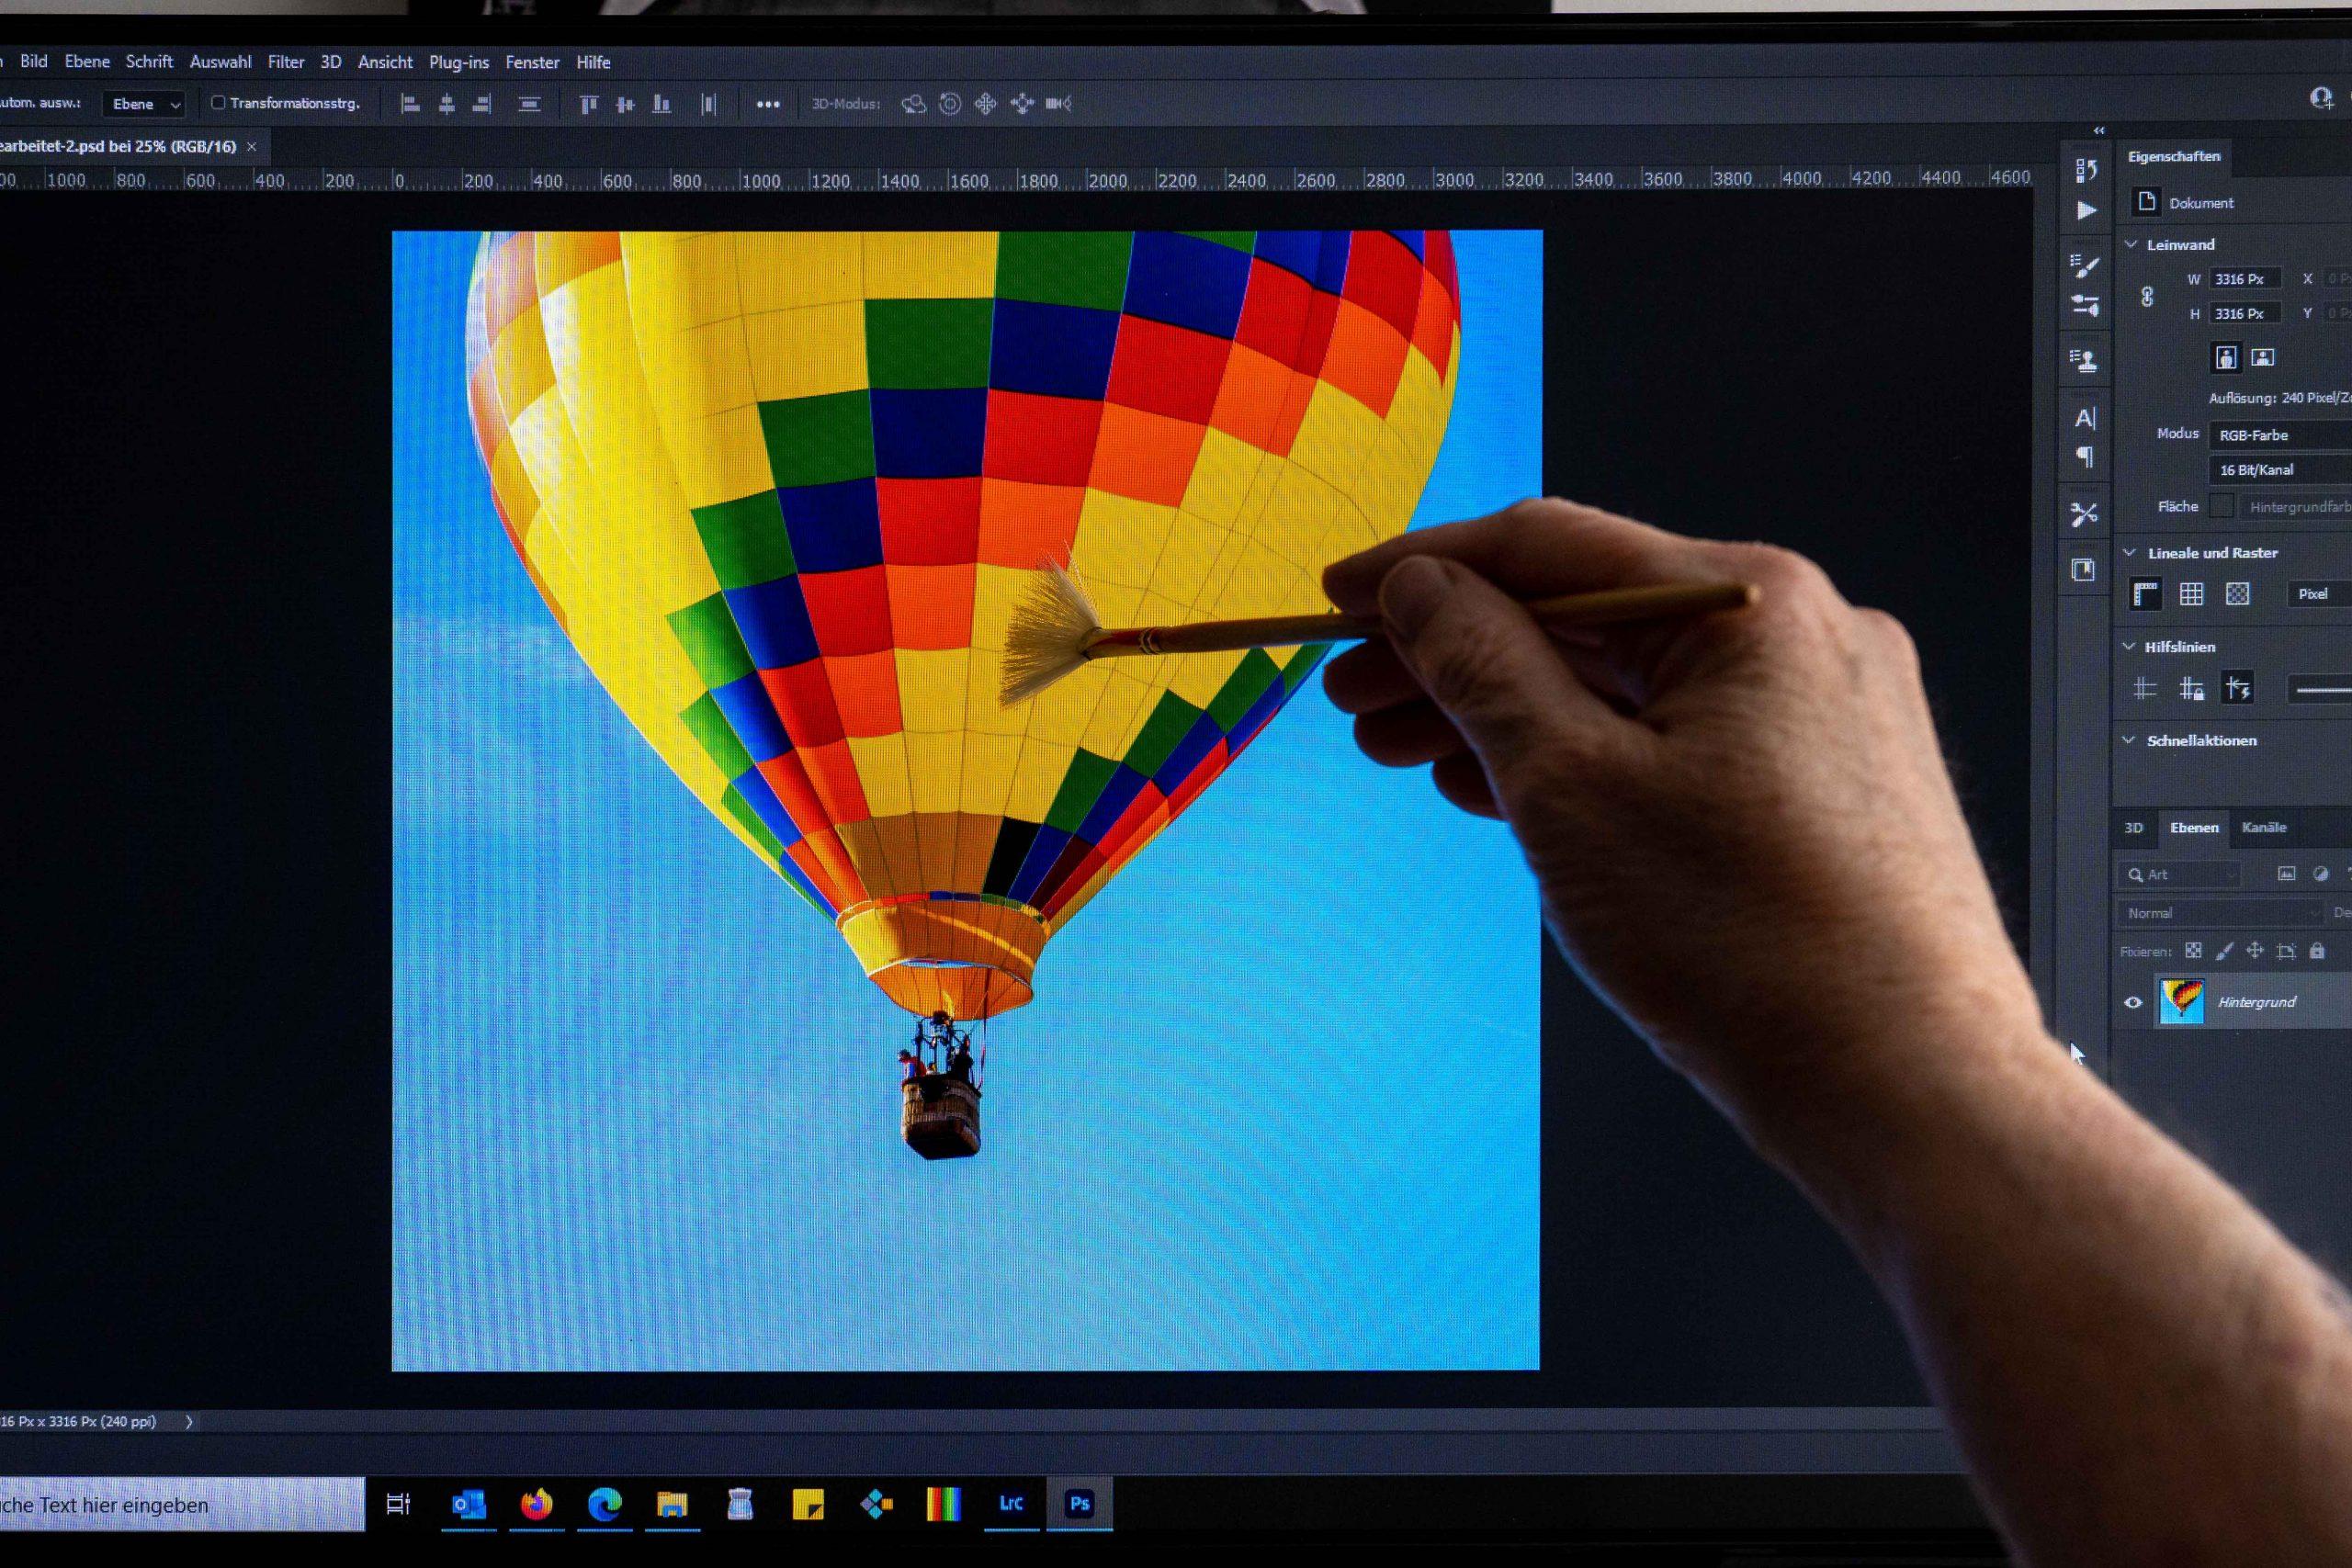 Ist Bildbearbeitung nur Verbesserung oder schon Manipulation?